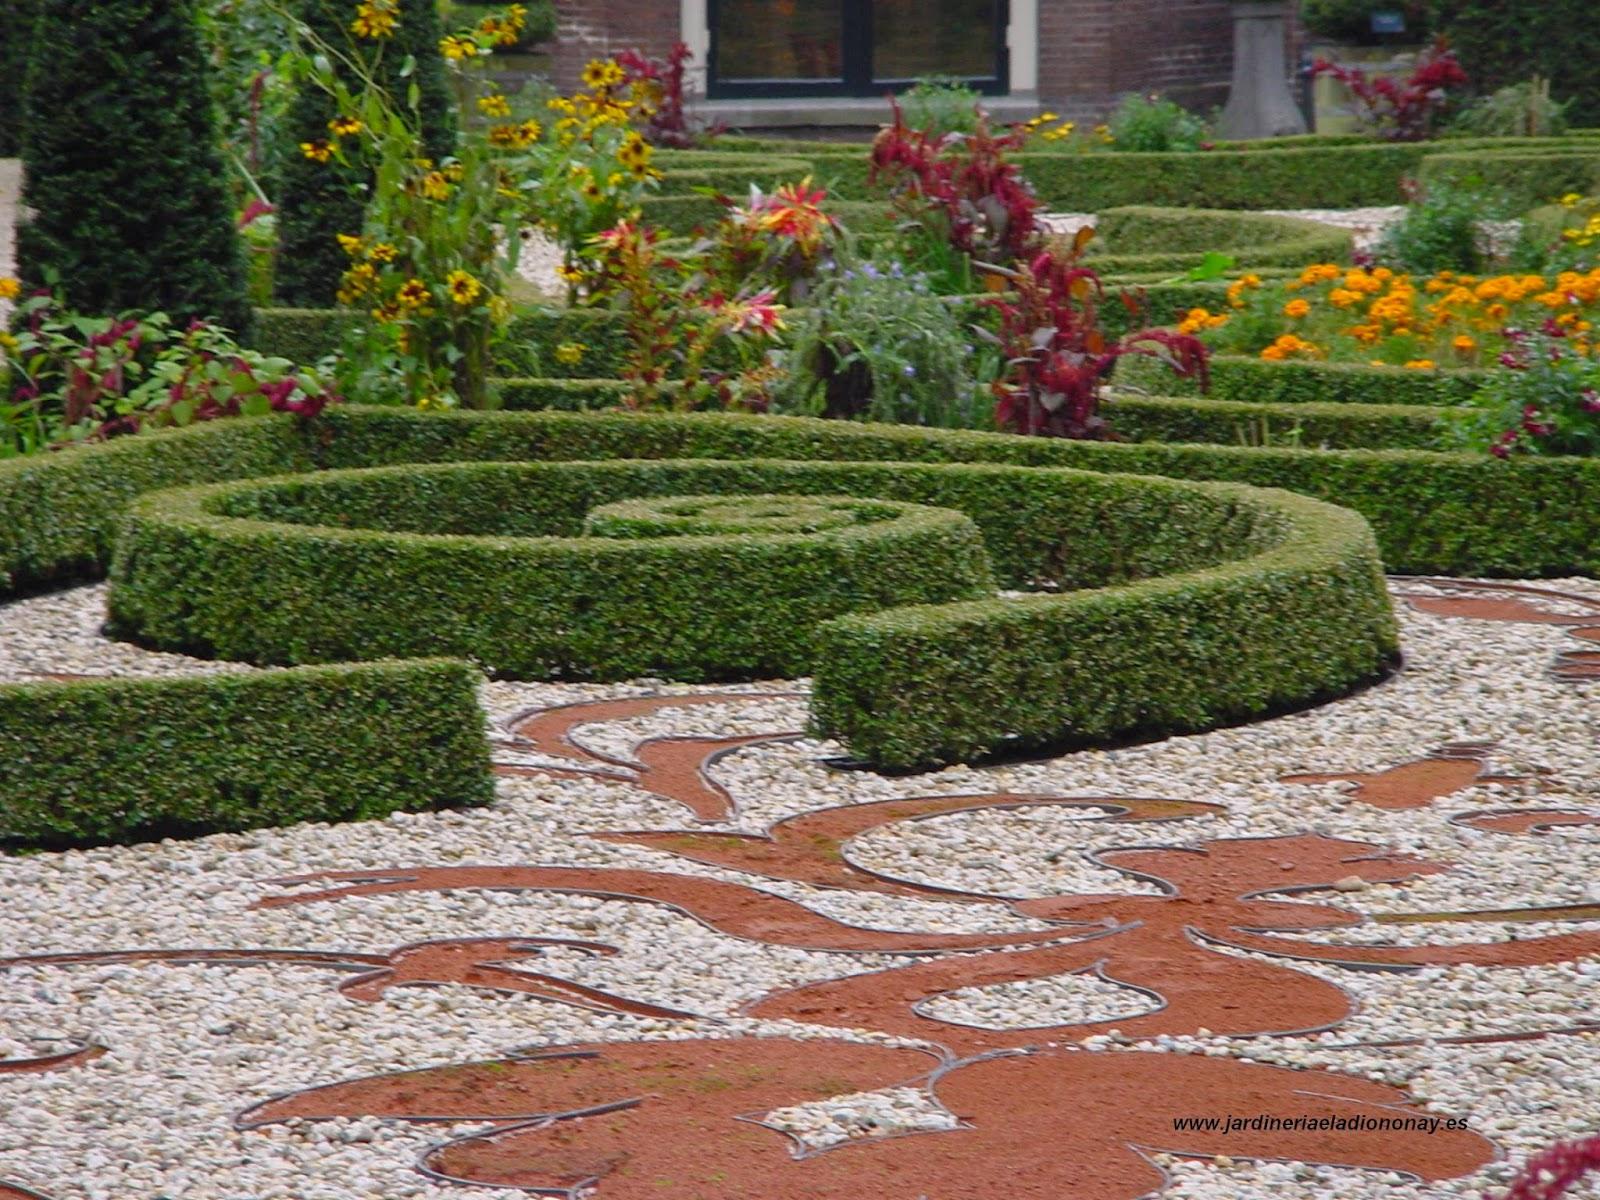 Jardineria eladio nonay empleo de grava y consejos tiles jardiner a eladio nonay - Utiles de jardineria ...